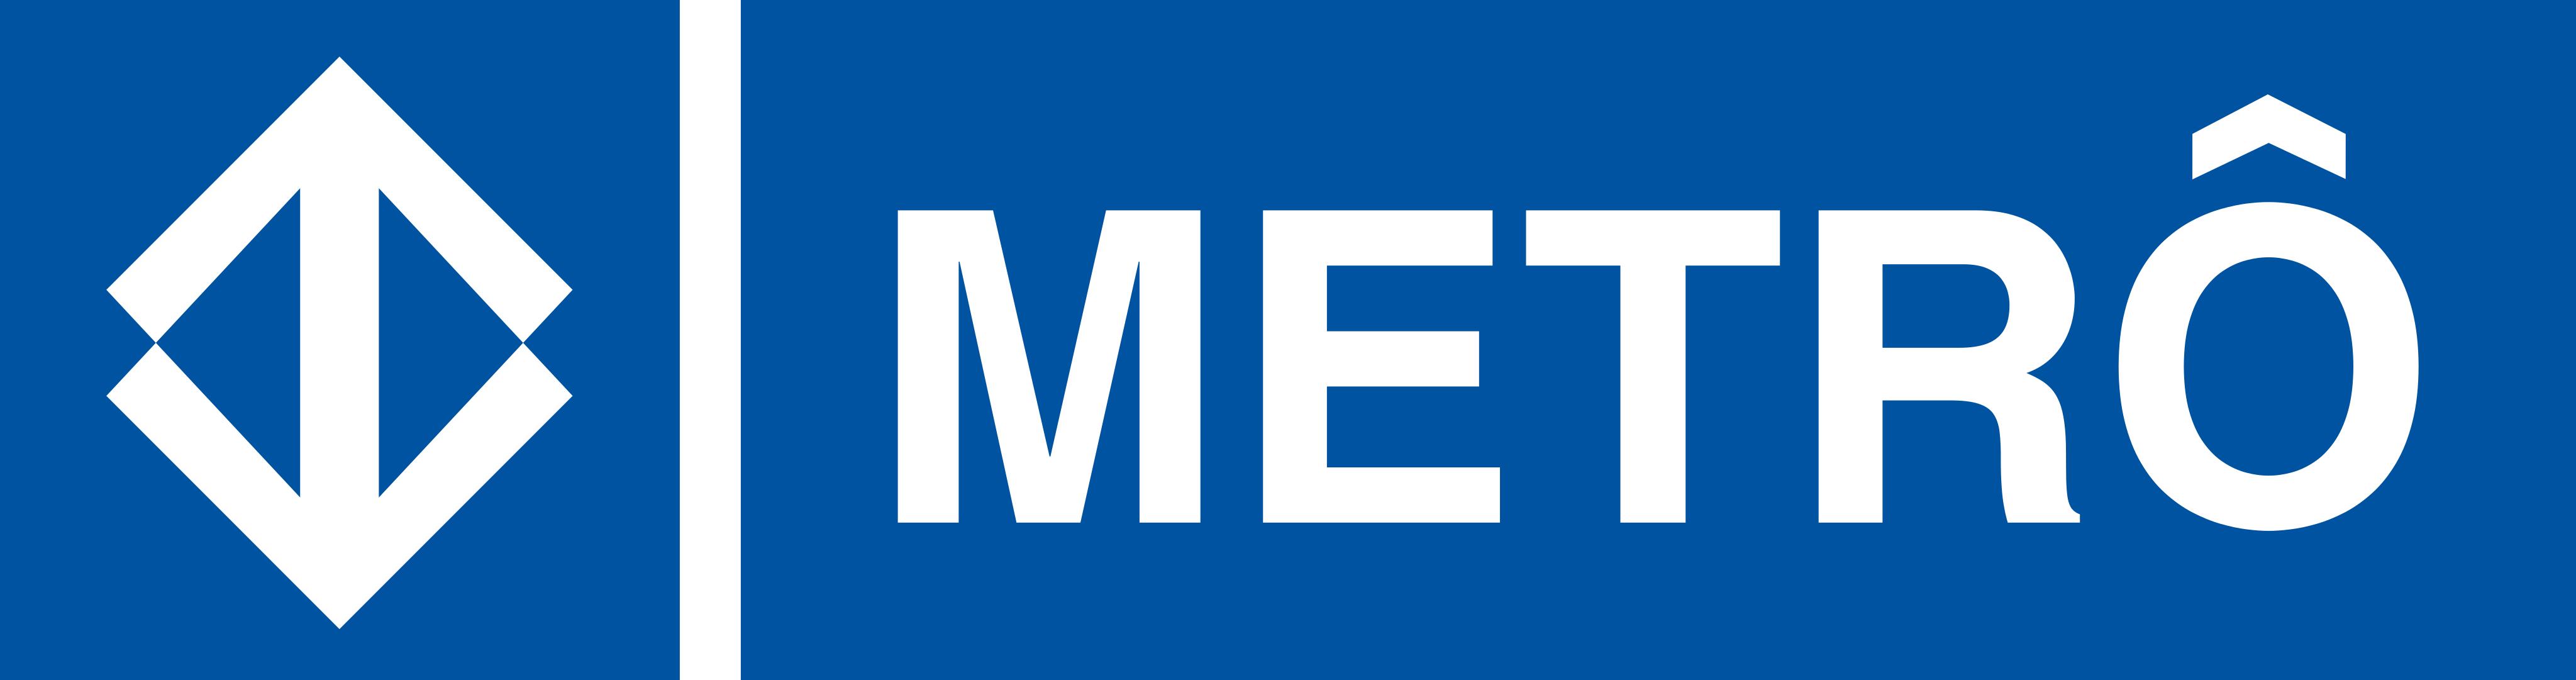 metro sp logo - Metrô SP Logo